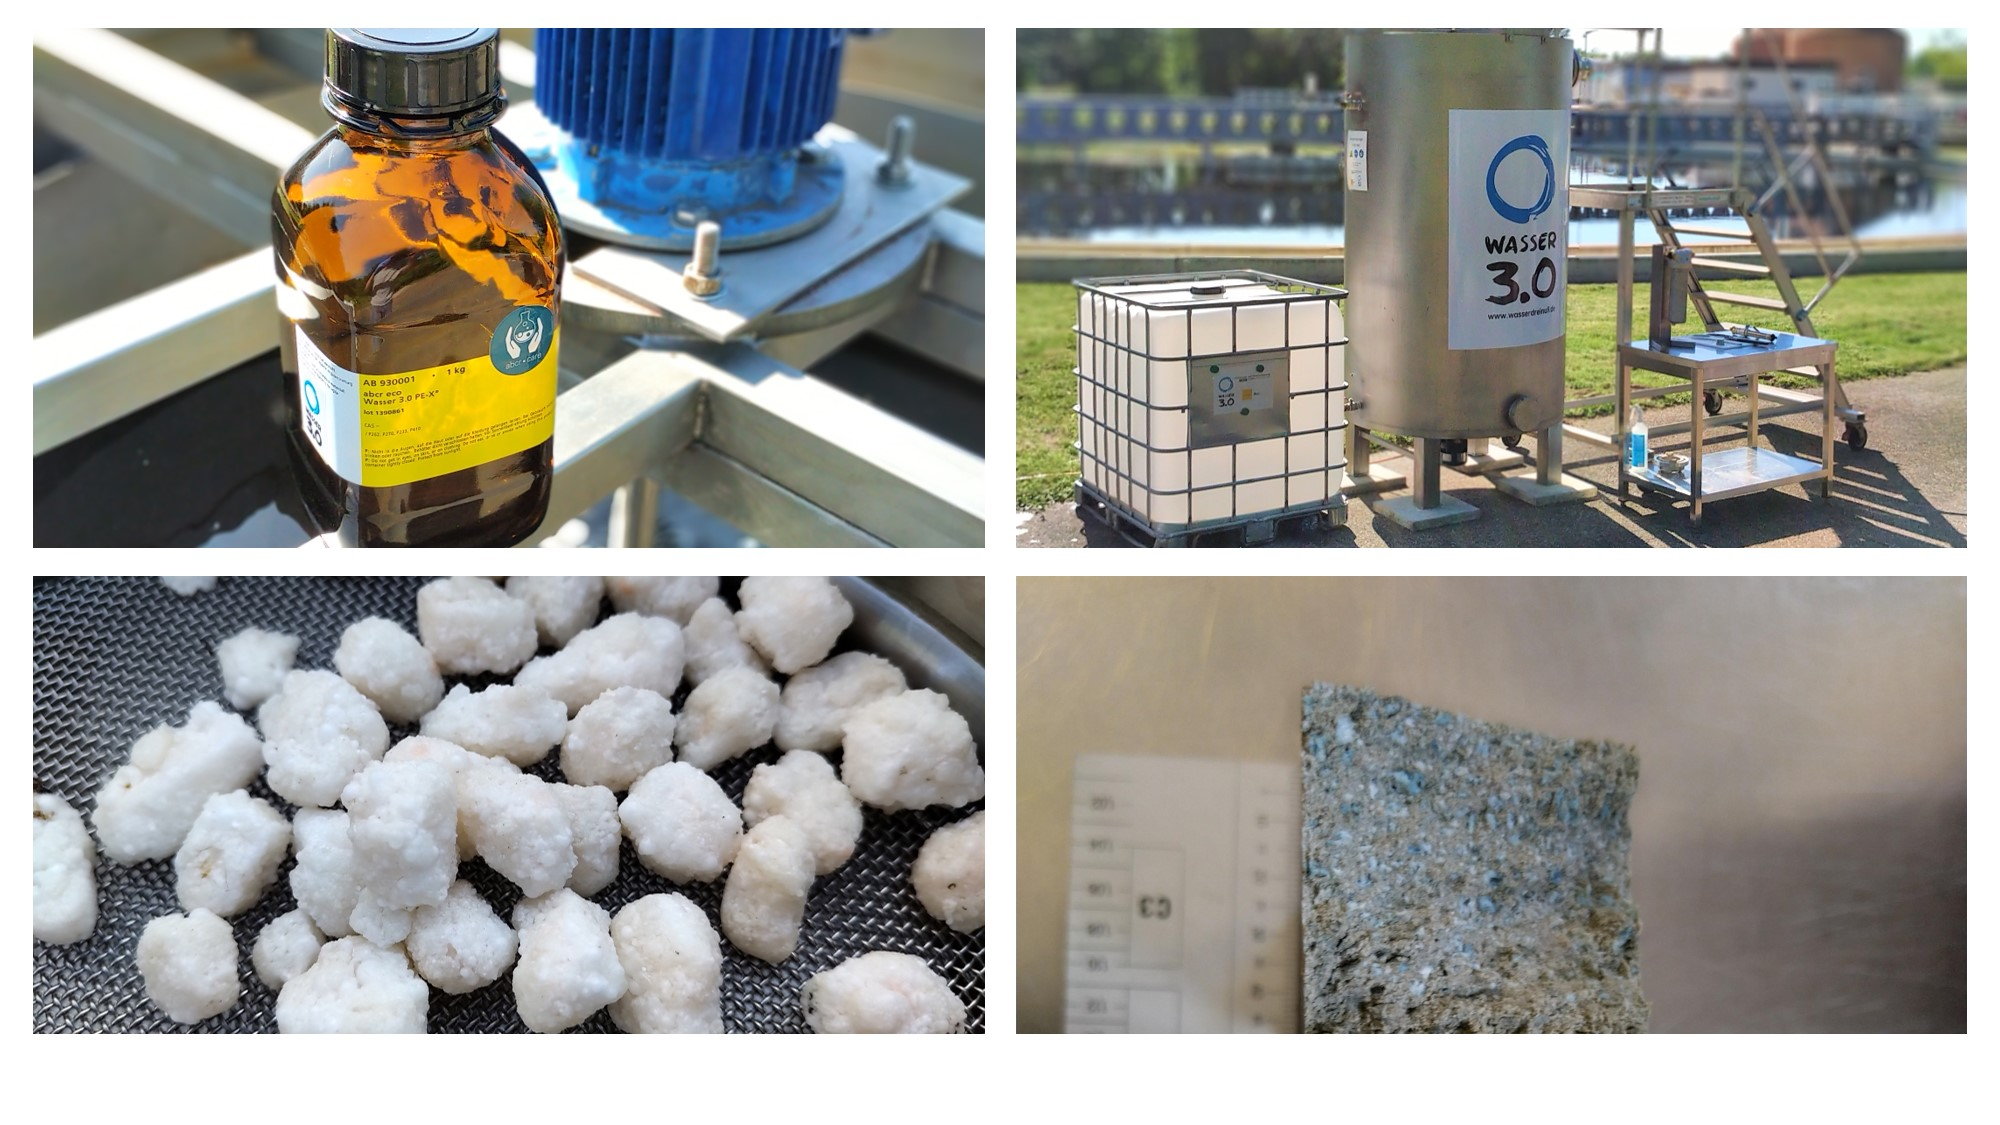 So funktioniert Wasser 3.0 - Einfache Technologie - passgenaue Materalien und ein reuse-Konzept.